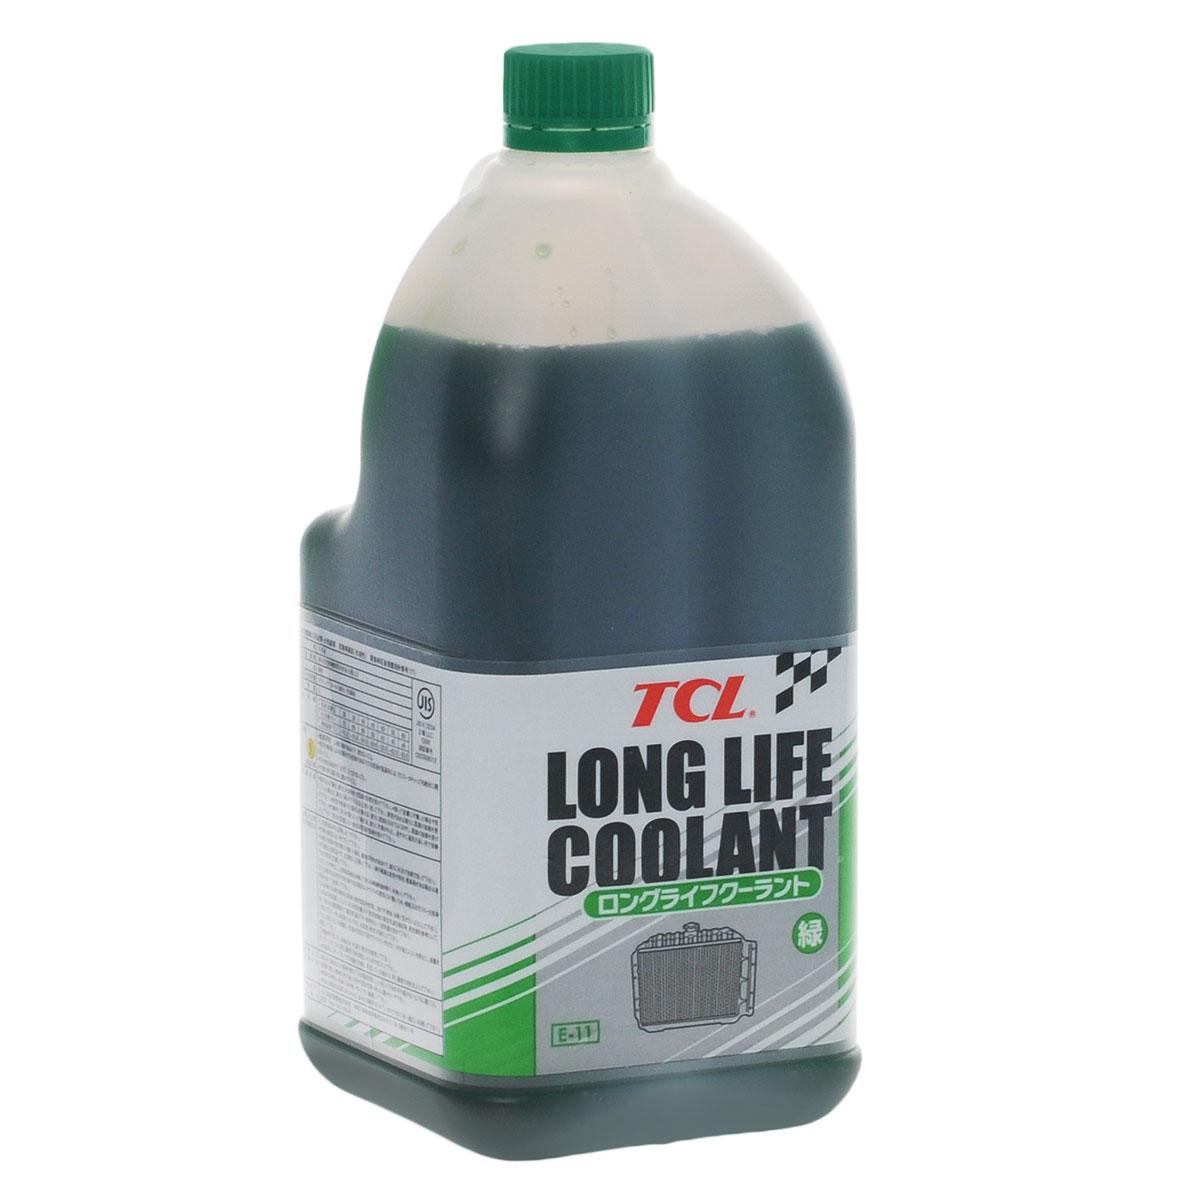 Антифриз TCL LLC, концентрированный, цвет: зеленый, 2 лLLC00987Высококачественная охлаждающая жидкость TCL LLC, препятствующая перегреву двигателей даже в сильную жару и замораживанию системы охлаждения в сильный мороз. Защищает от коррозии металлические части системы охлаждения и удаляет с них ранее образовавшиеся окислы. Является отличной смазкой для помп. Сохраняет свои качества в системах охлаждения в течение 2 лет. Антифриз зеленого цвета предназначен для всех автомобилей, кроме TOYOTA и DAIHATSU. Концентрированный антифриз обязательно нужно использовать в разбавленном виде 25~60 %.Состав: этиленгликоль, метанол, комплекс присадок.